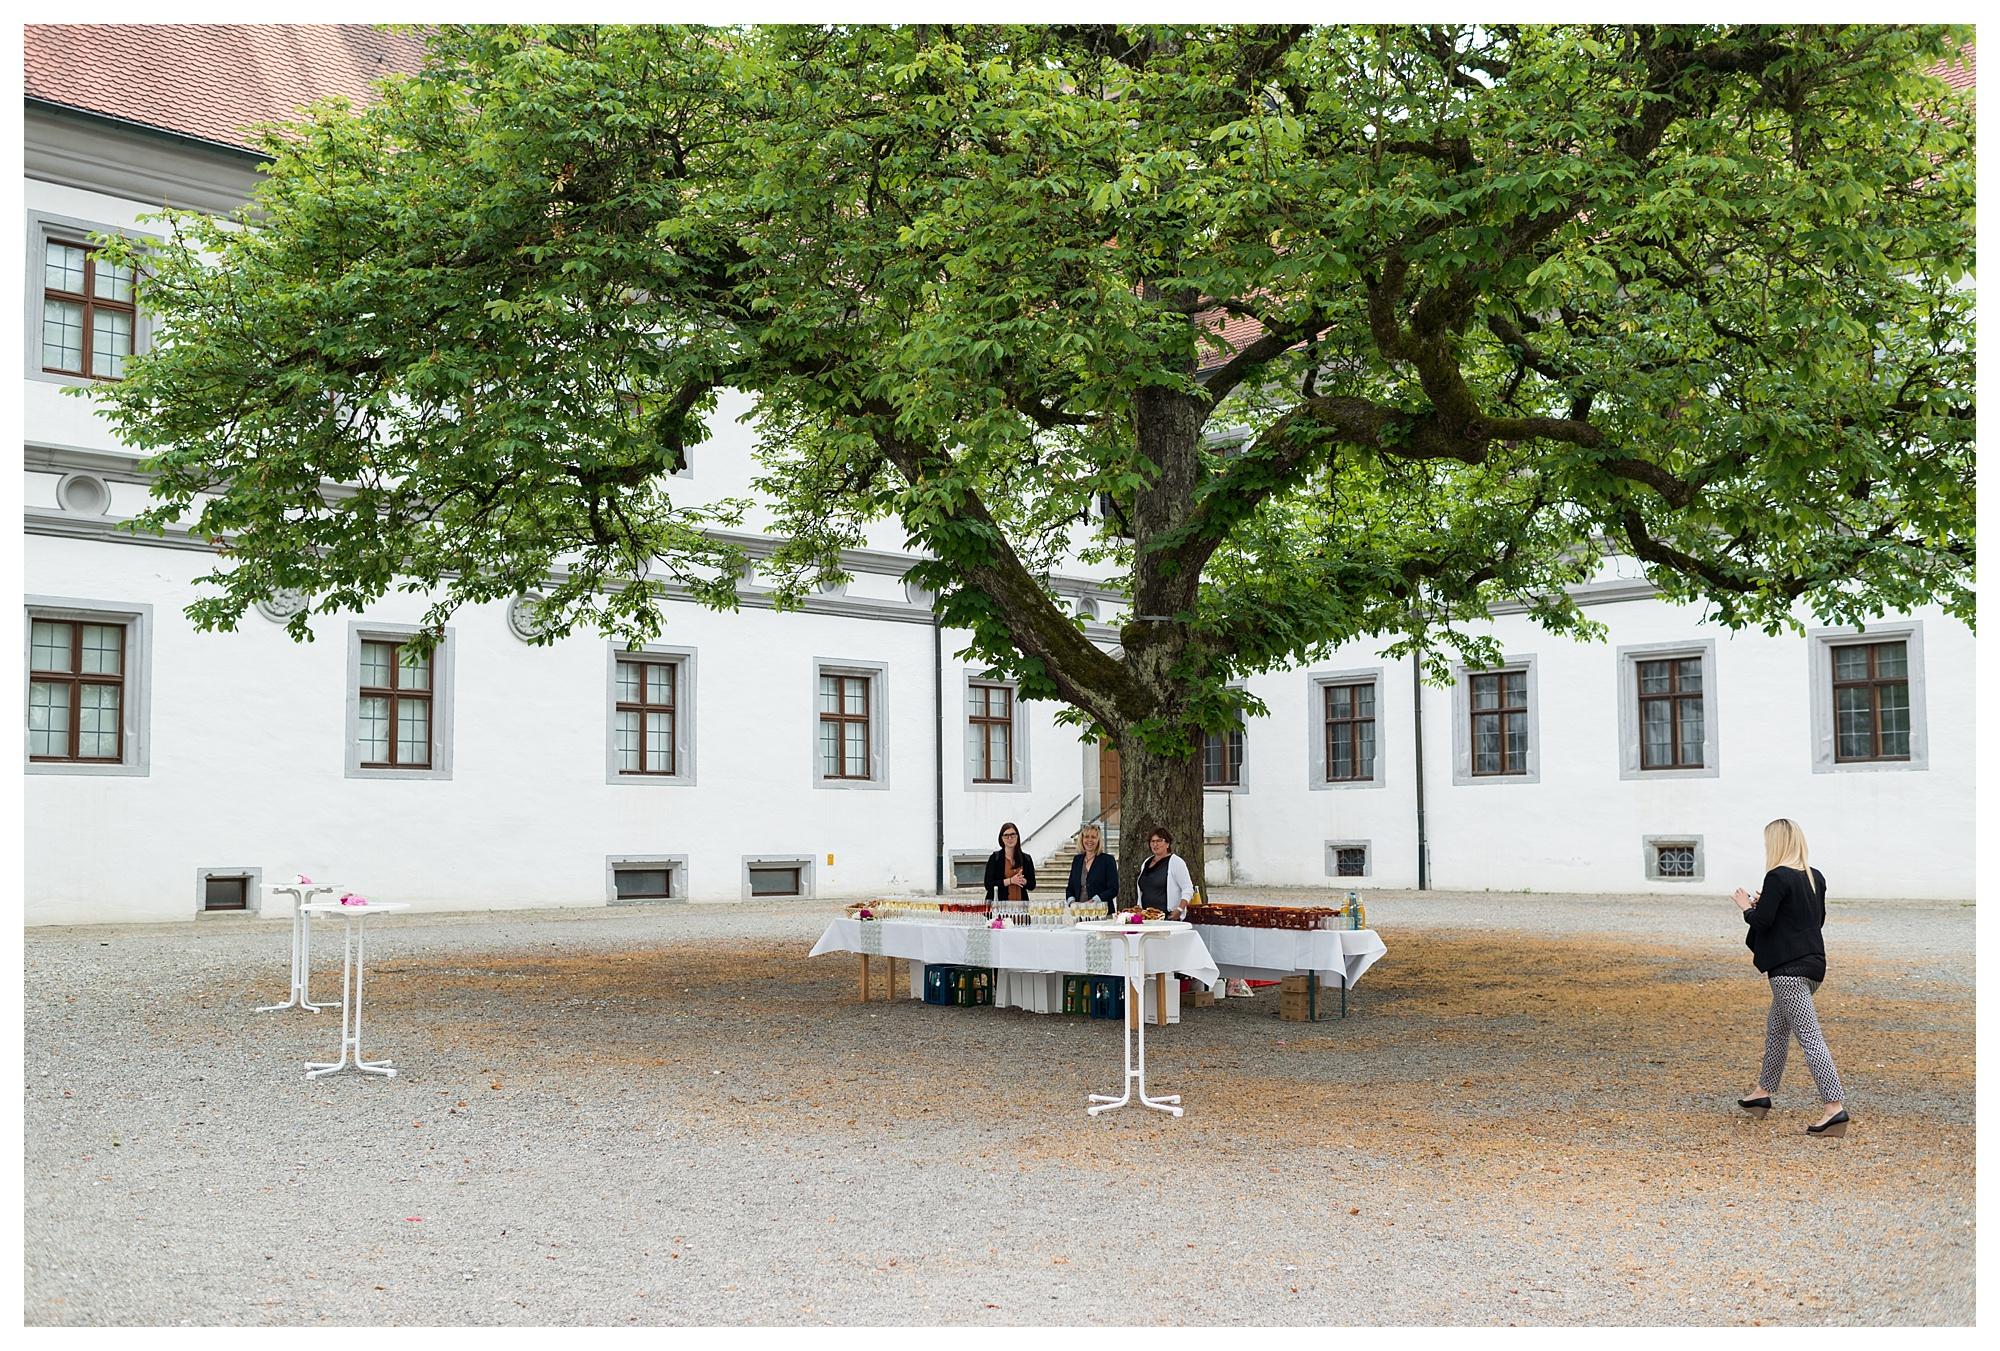 Fotograf Konstanz - Hochzeit Tanja Elmar Elmar Feuerbacher Photography Konstanz Messkirch Highlights 043 - Hochzeitsreportage von Tanja und Elmar im Schloss Meßkirch  - 147 -